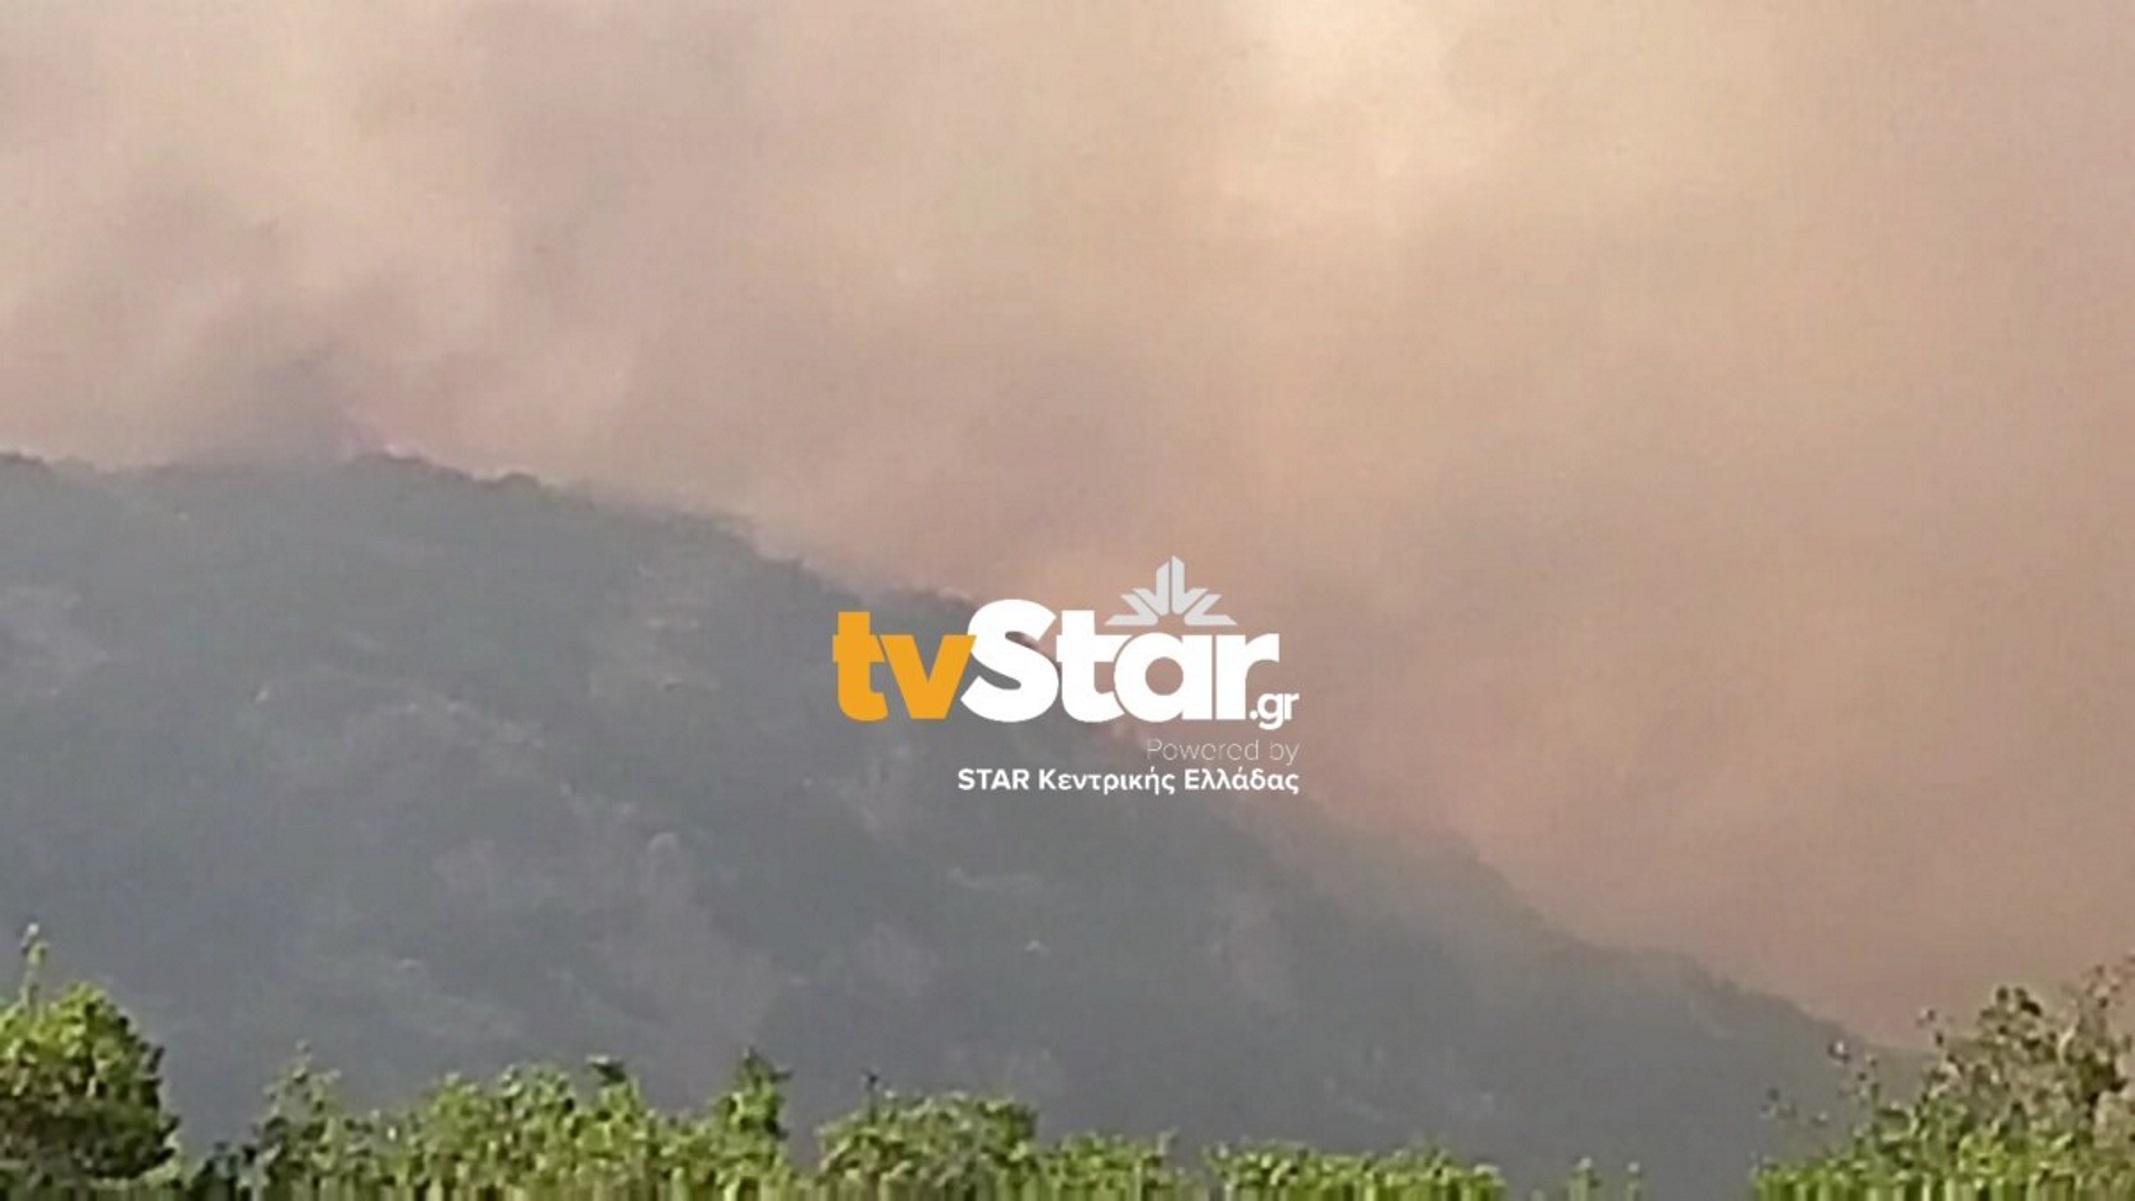 Φωτιά στη Φθιώτιδα: Σκληρή μάχη με τα μέτωπα έξω από το χωριό Λογγίτσι – Εκκενώθηκε ο οικισμός